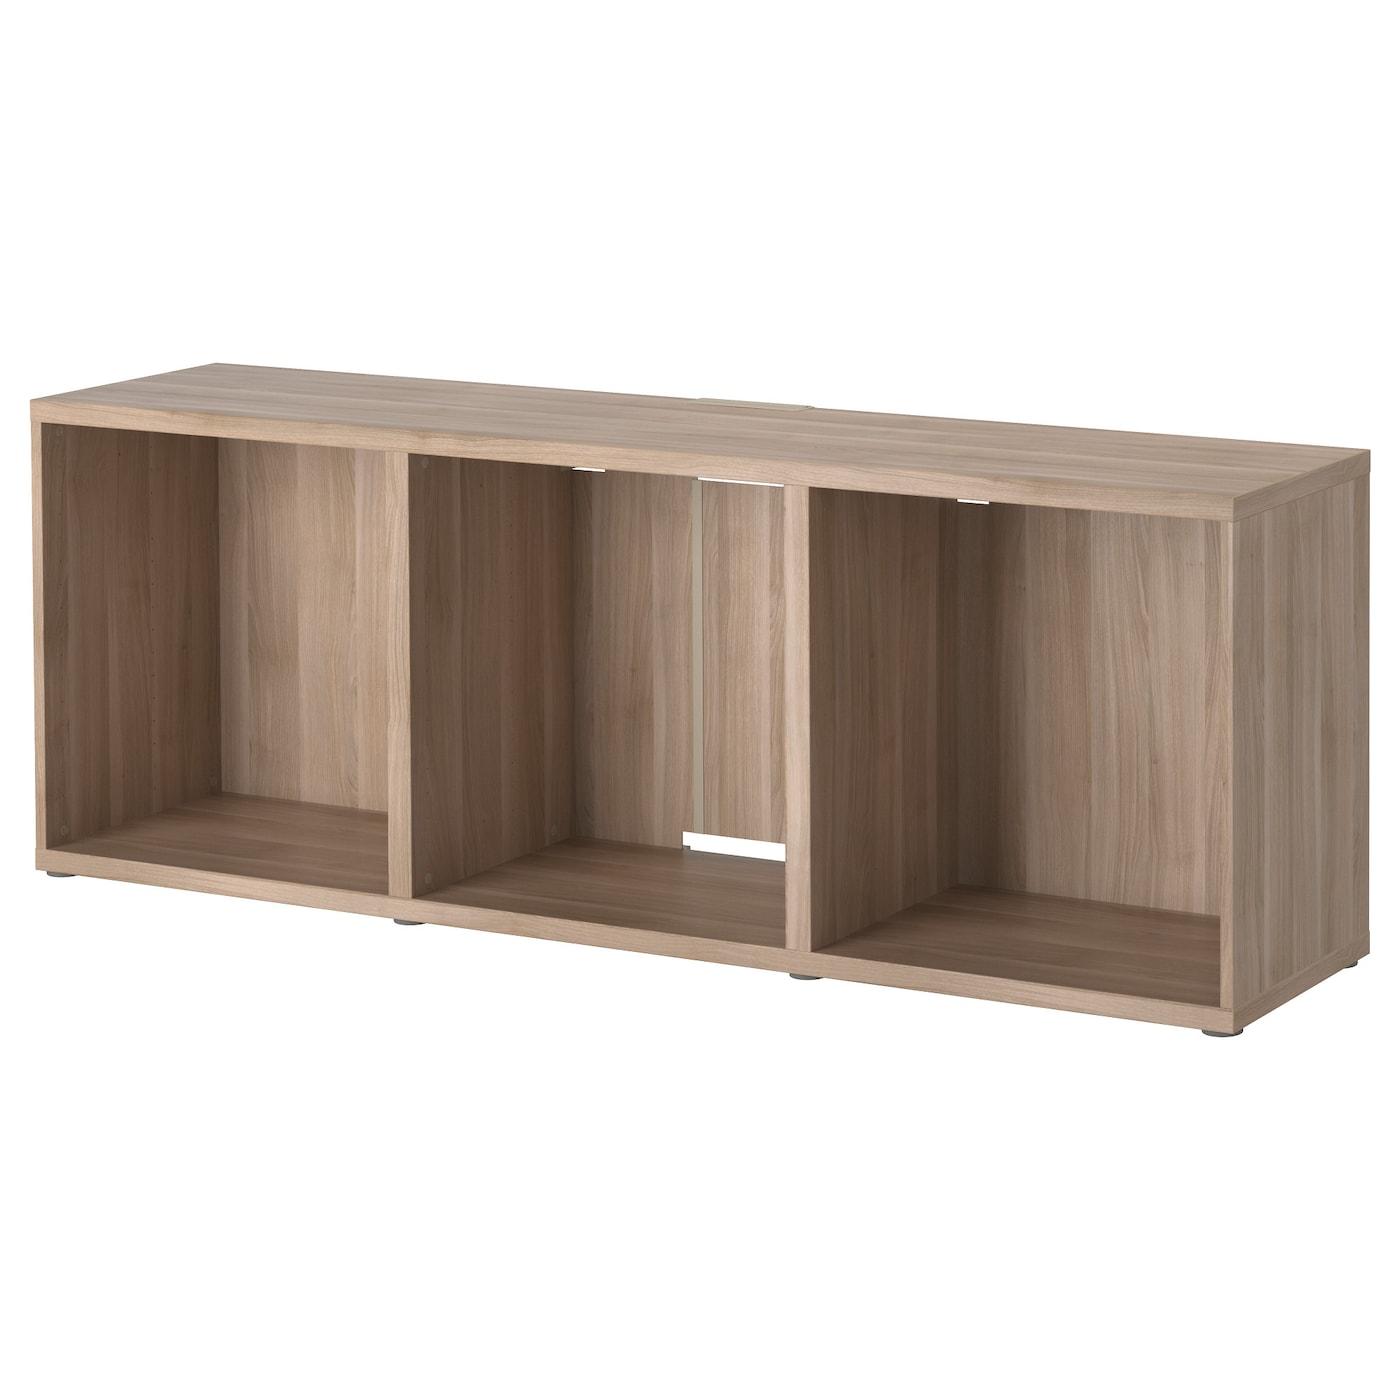 Colección BESTÅ | Muebles para Salón | Compra Online IKEA - photo#33